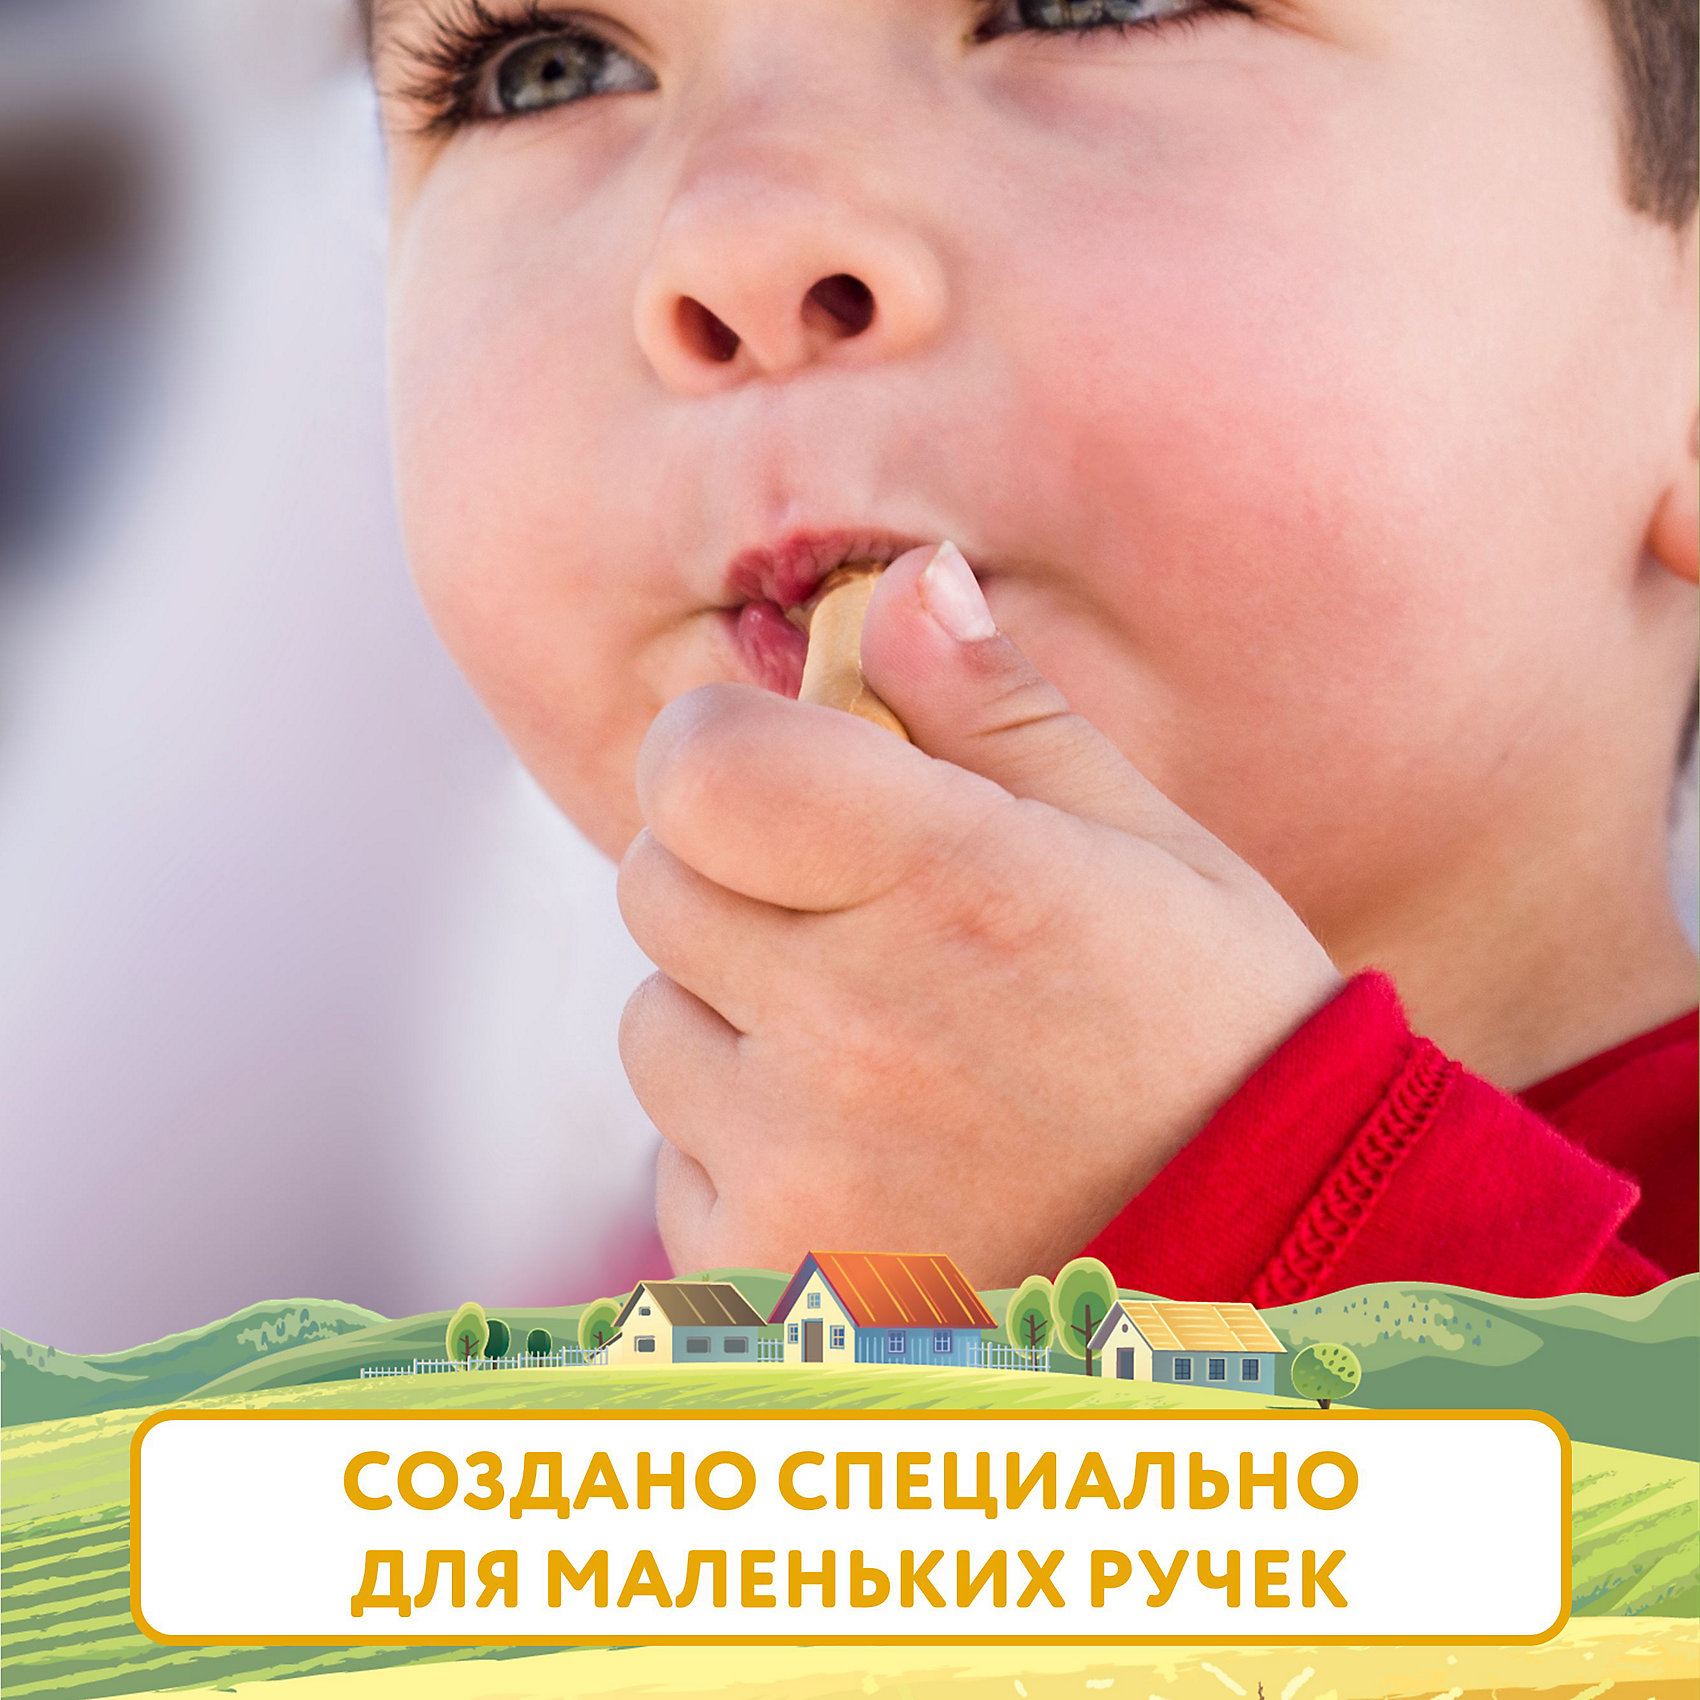 Малютка | Детское печенье Малютка 5 злаков, с 6 мес, 45г х 24шт | Clouty